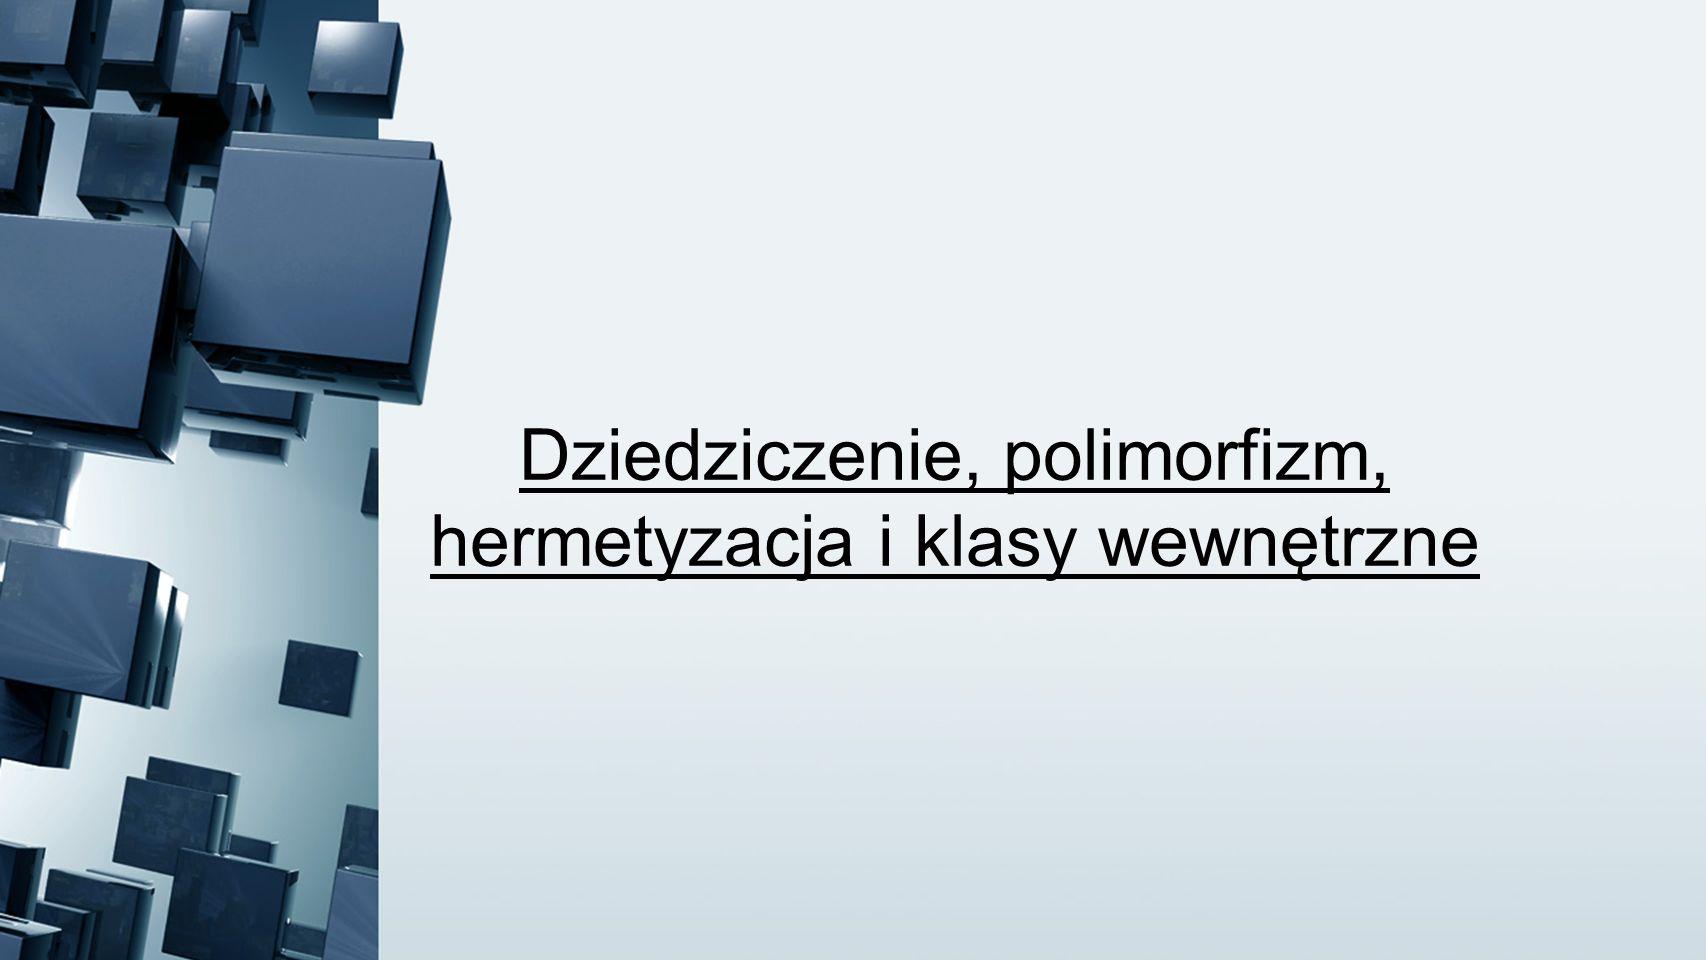 Dziedziczenie, polimorfizm, hermetyzacja i klasy wewnętrzne